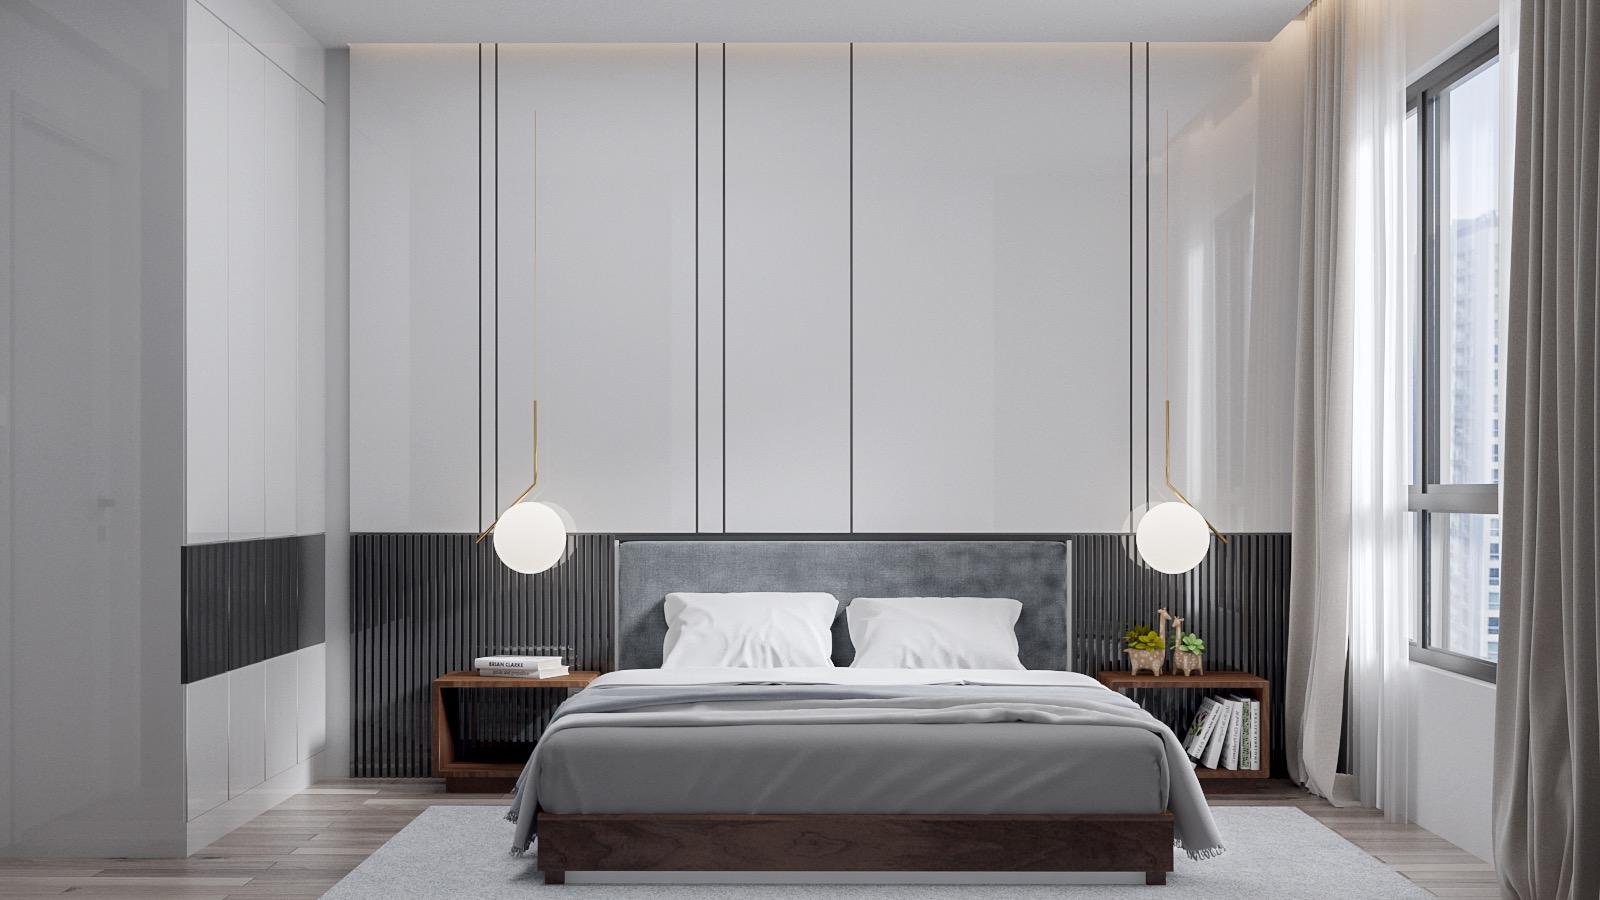 Nội thất phòng ngủ hiện đại, đẹp mắt